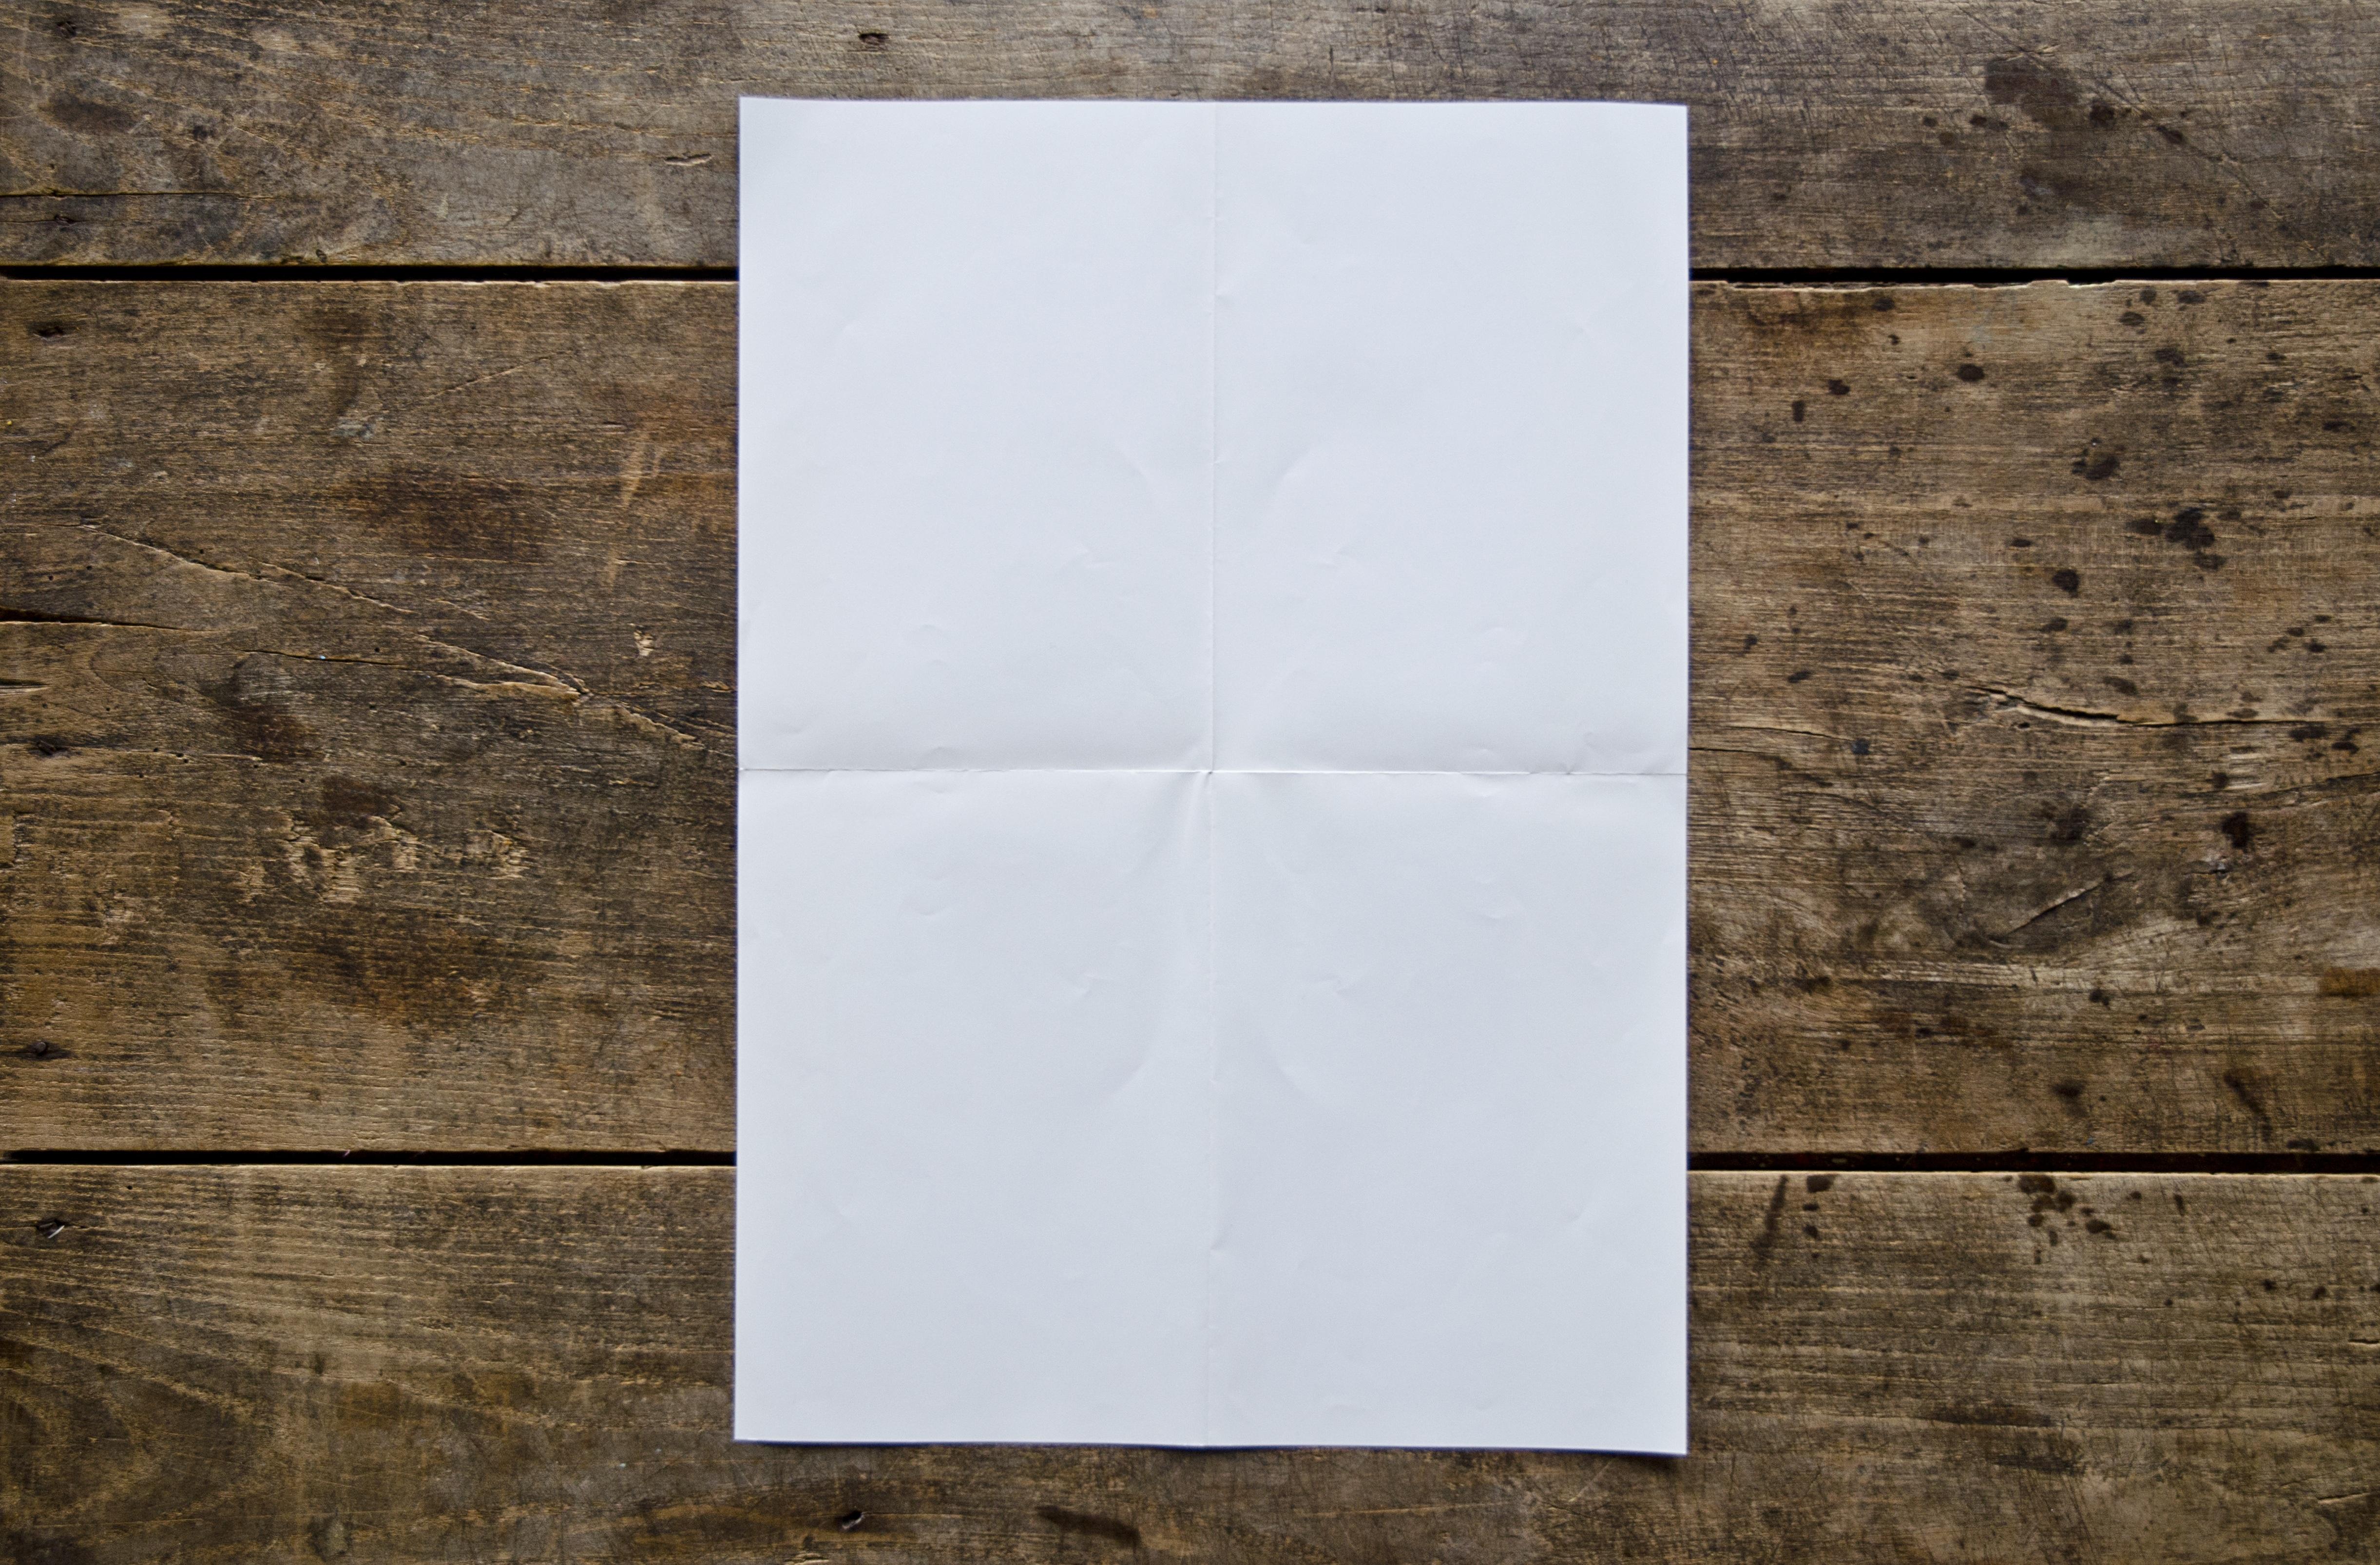 Картинки листа бумаги на столе